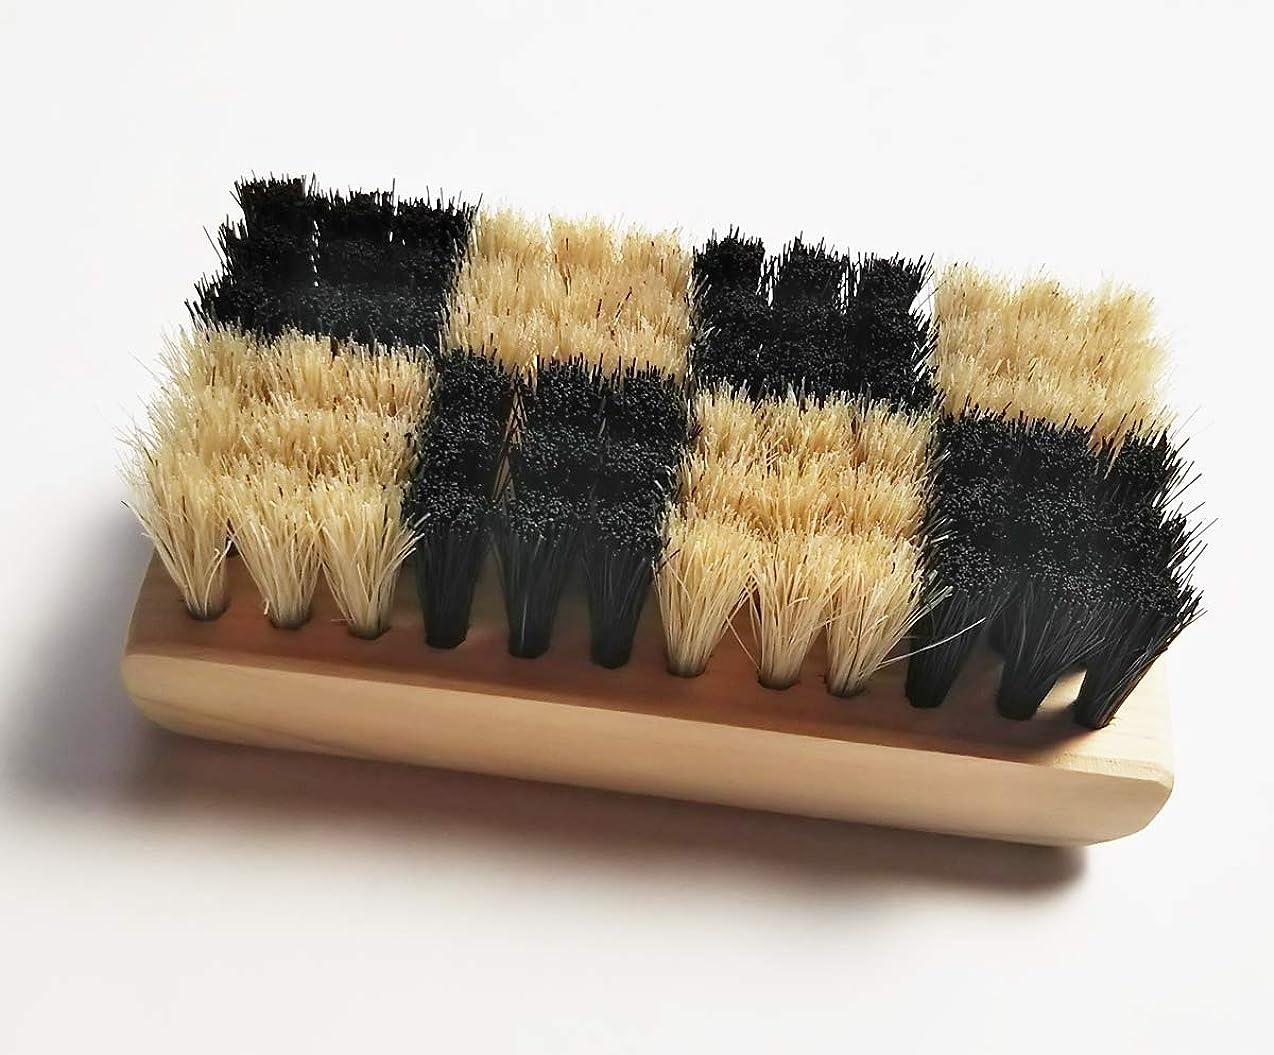 セント染料マーガレットミッチェル浅草まーぶる 弁慶 ボディブラシ 東京オリンピックエンブレムをイメージした 特殊植毛の市松模様